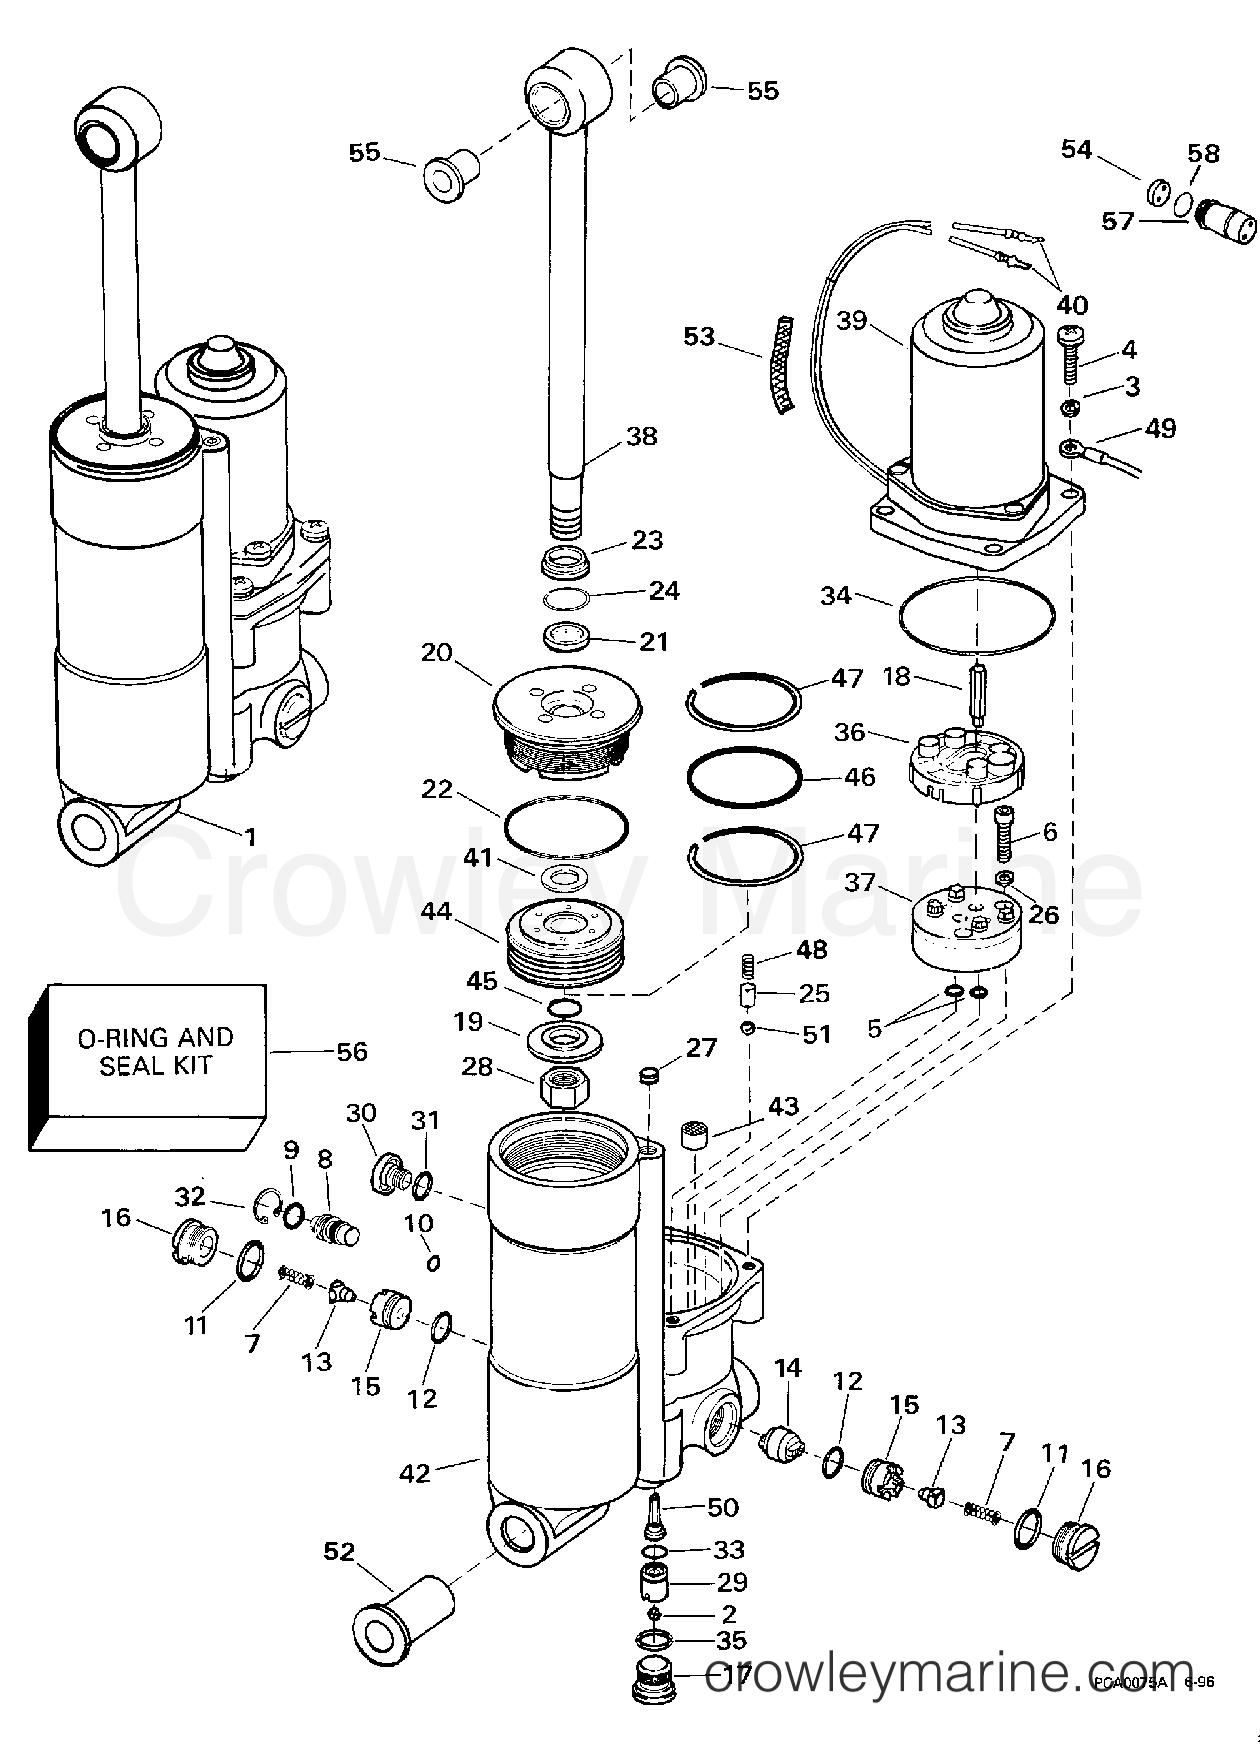 1998 Johnson Outboards 50 - X50ESLECC POWER TRIM/TILT section